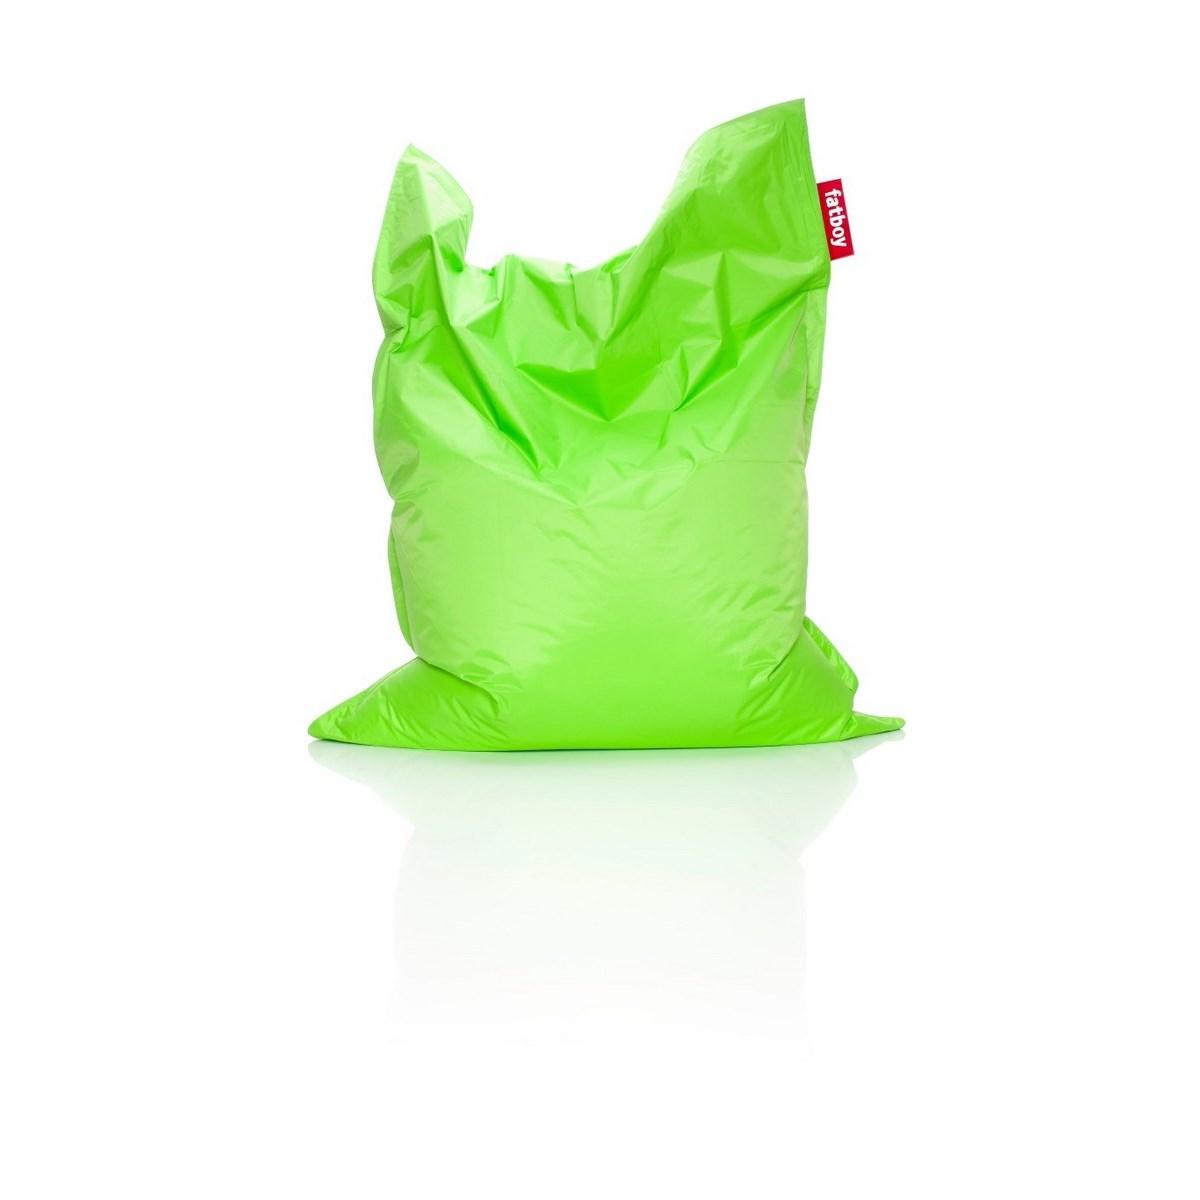 Fatboy® the original lime green